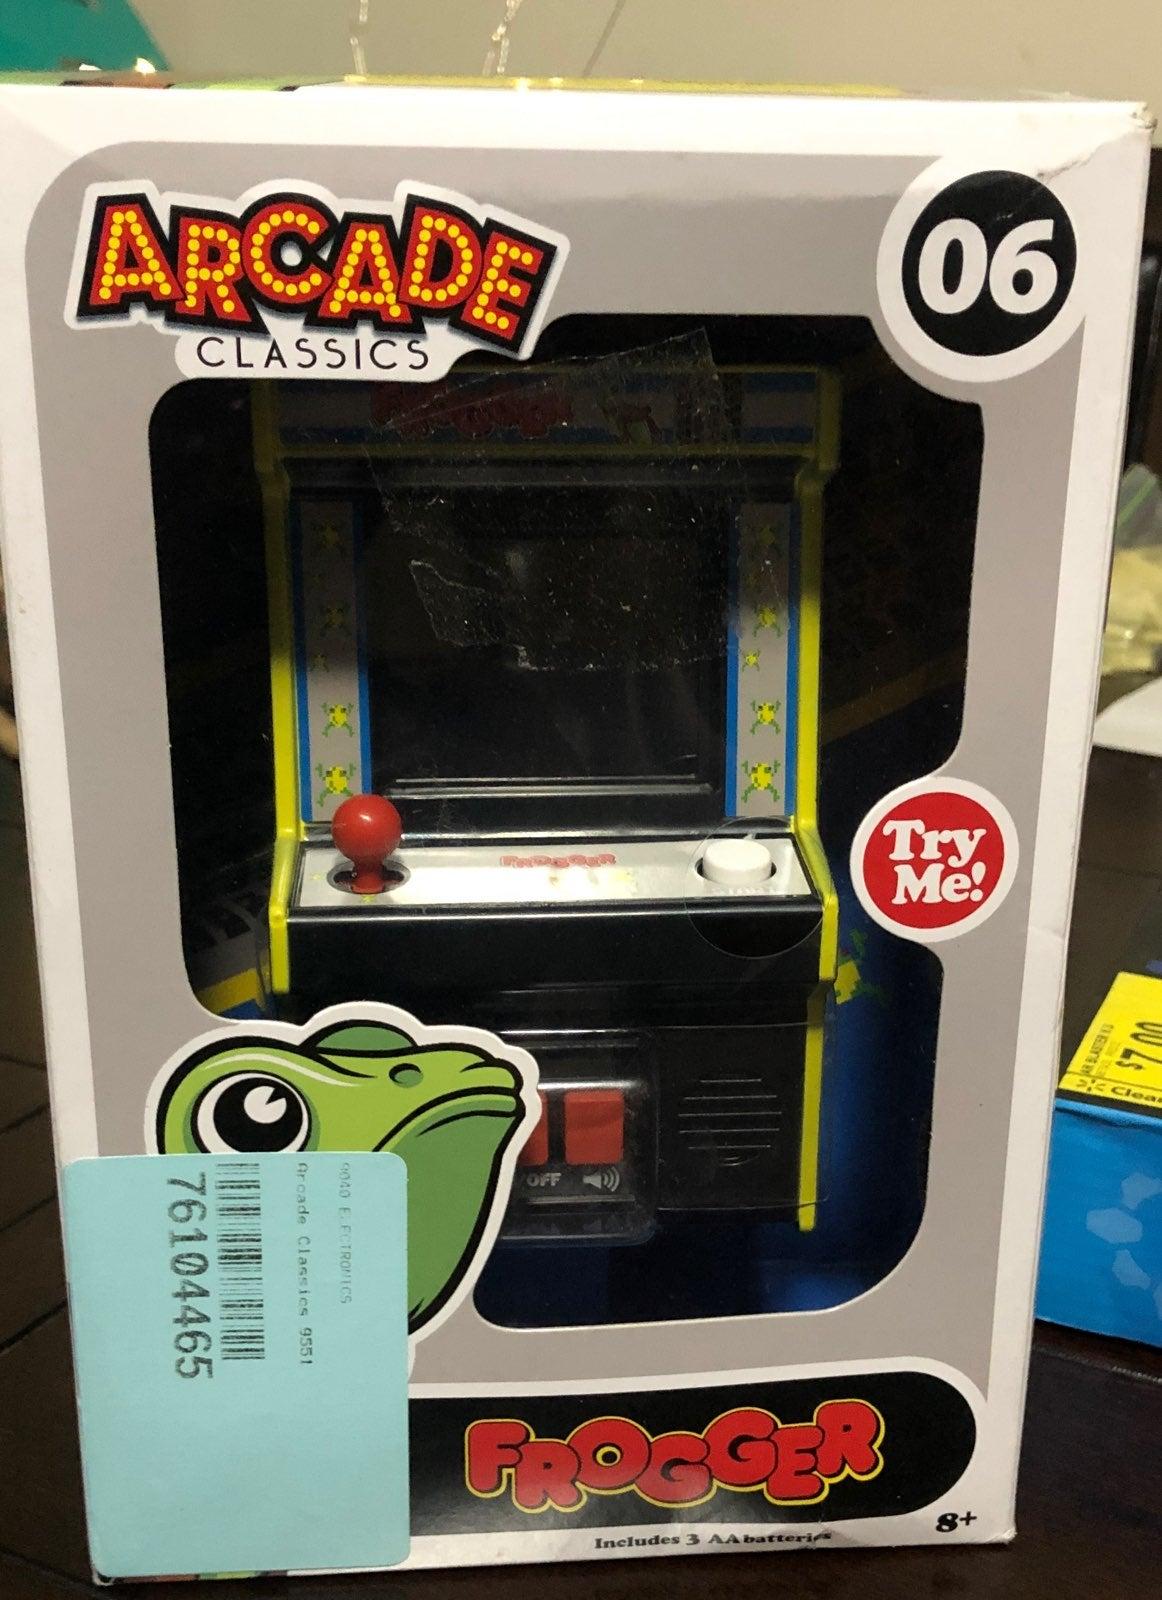 Arcade classics frogger